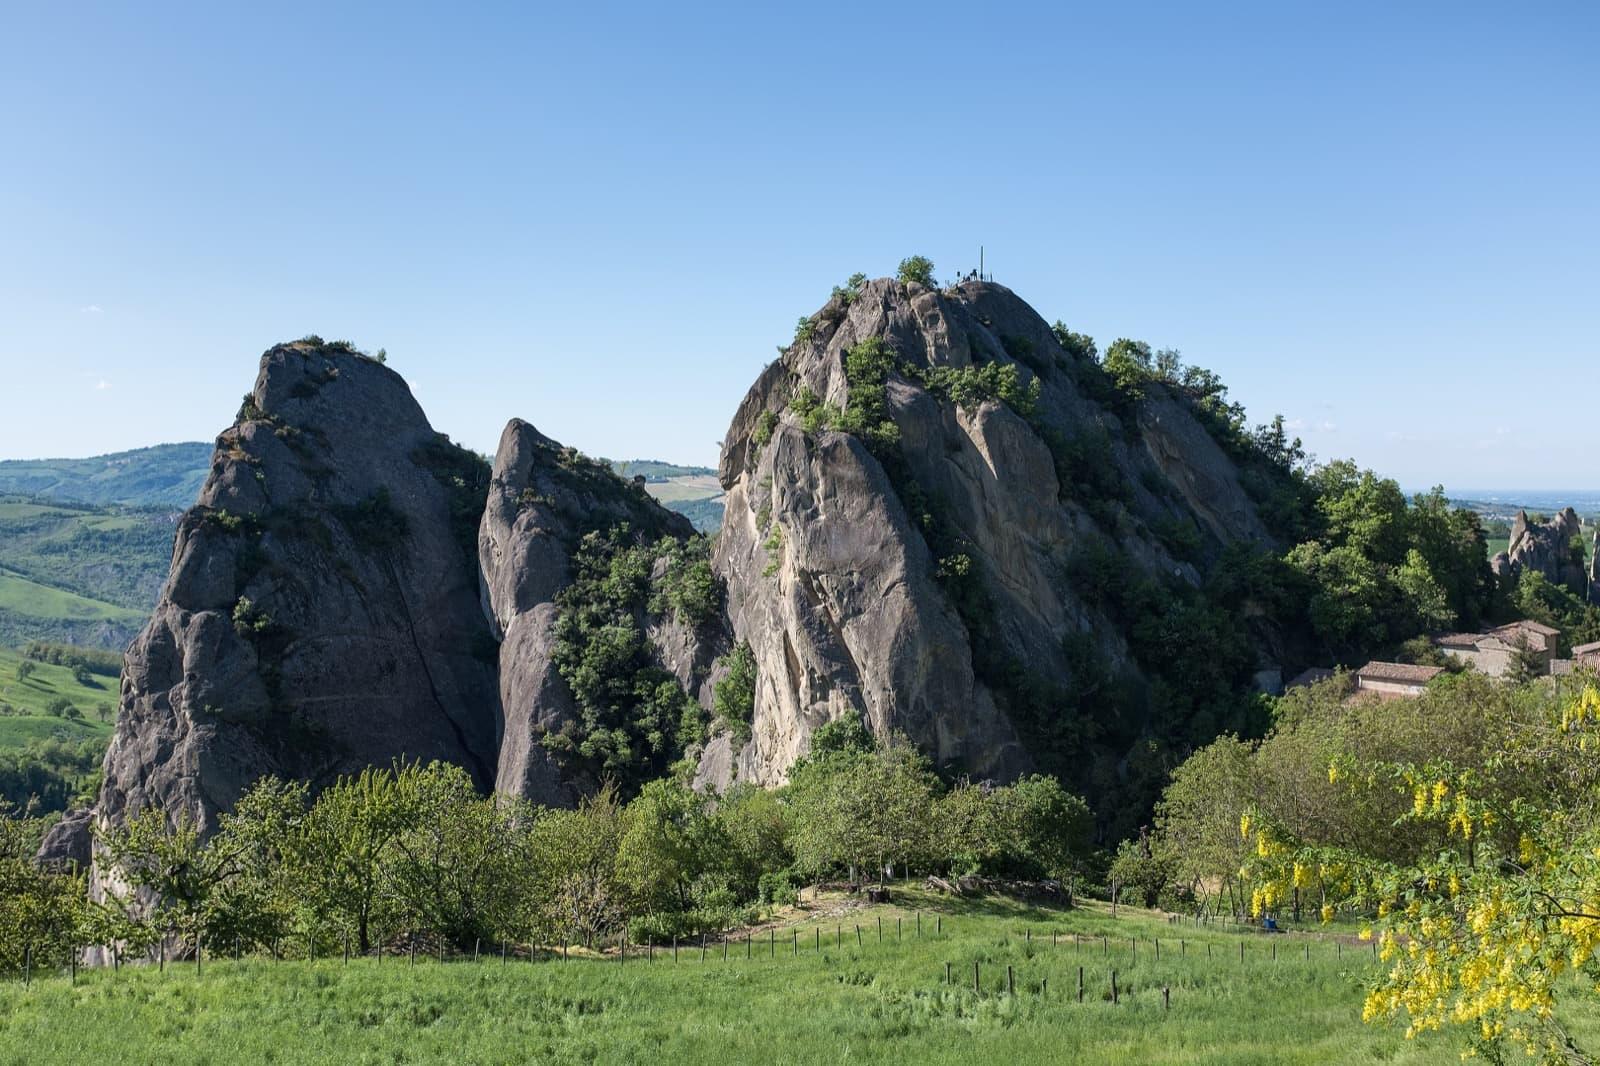 Roccamalatina, Guiglia (MO), Parco dei Sassi di Roccamalatina-Roccamalatina, Guiglia (MO), Parco dei Sassi di Roccamalatina | Ph. Giorgio Galeotti-CC BY 4.0